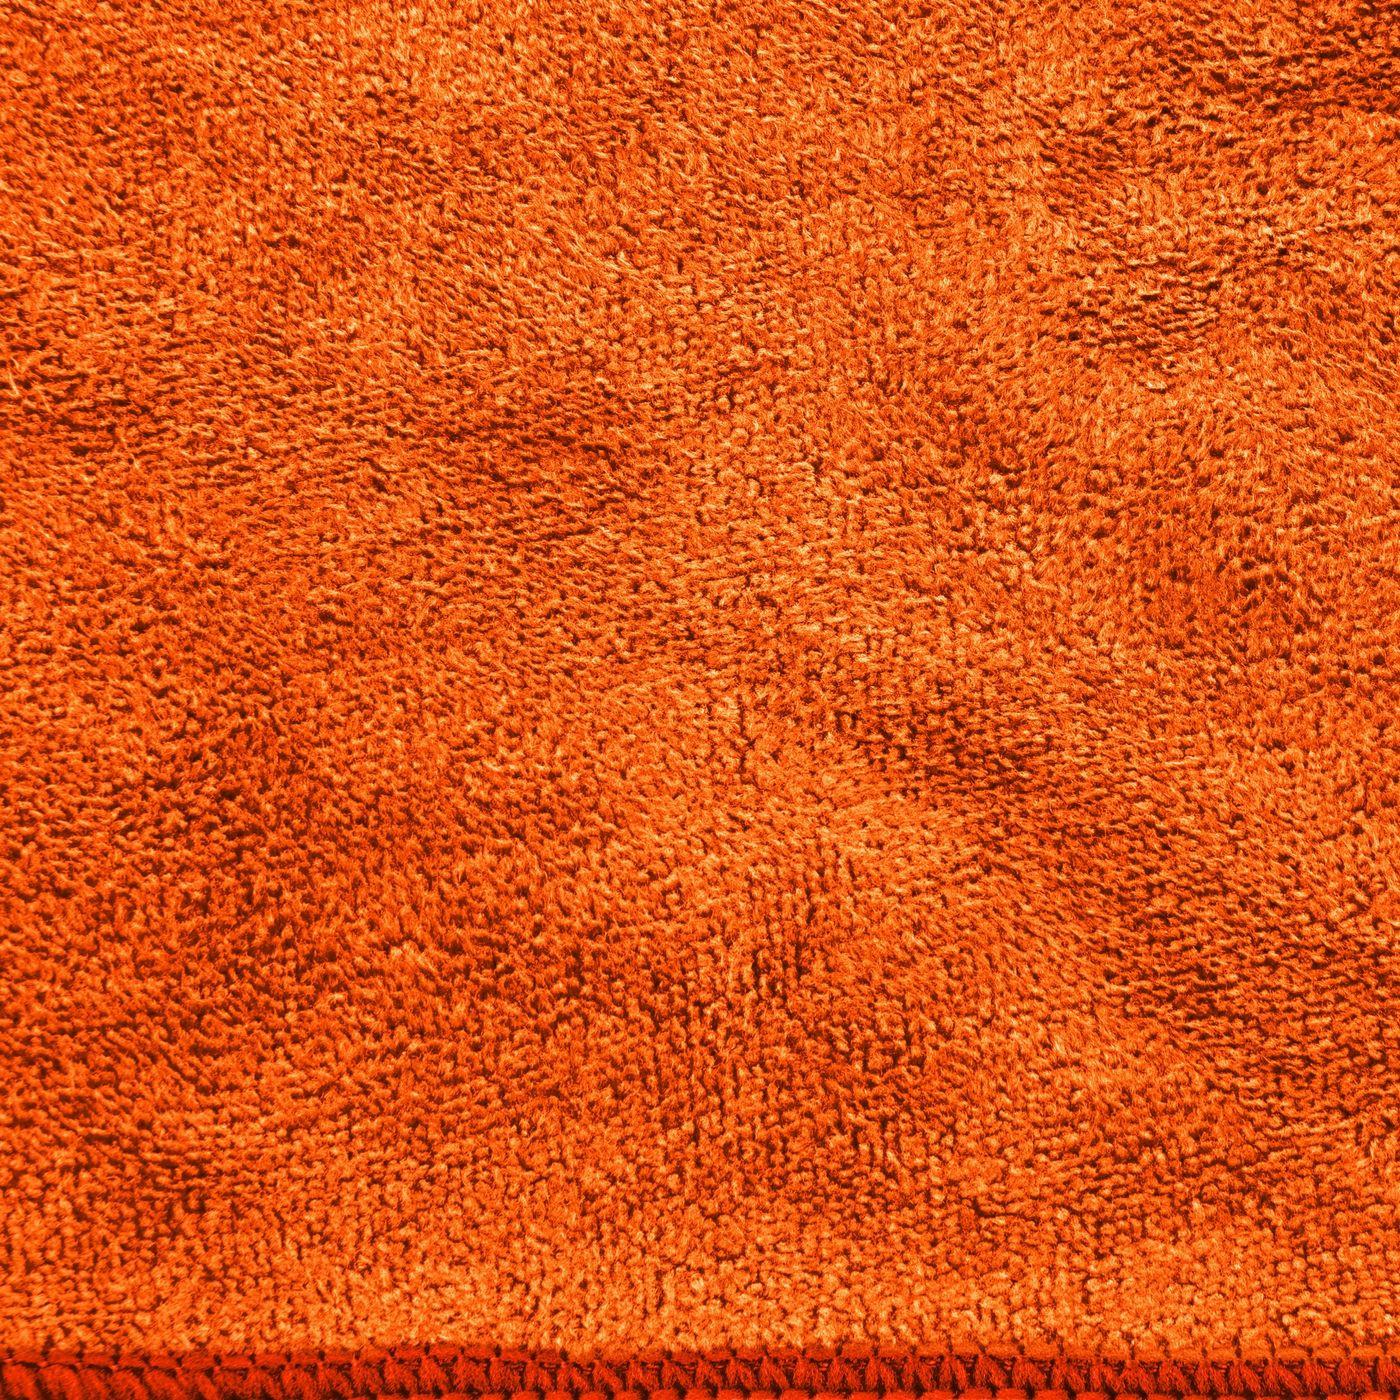 Ręcznik z mikrofibry szybkoschnący jasnopomarańczowy 70x140cm